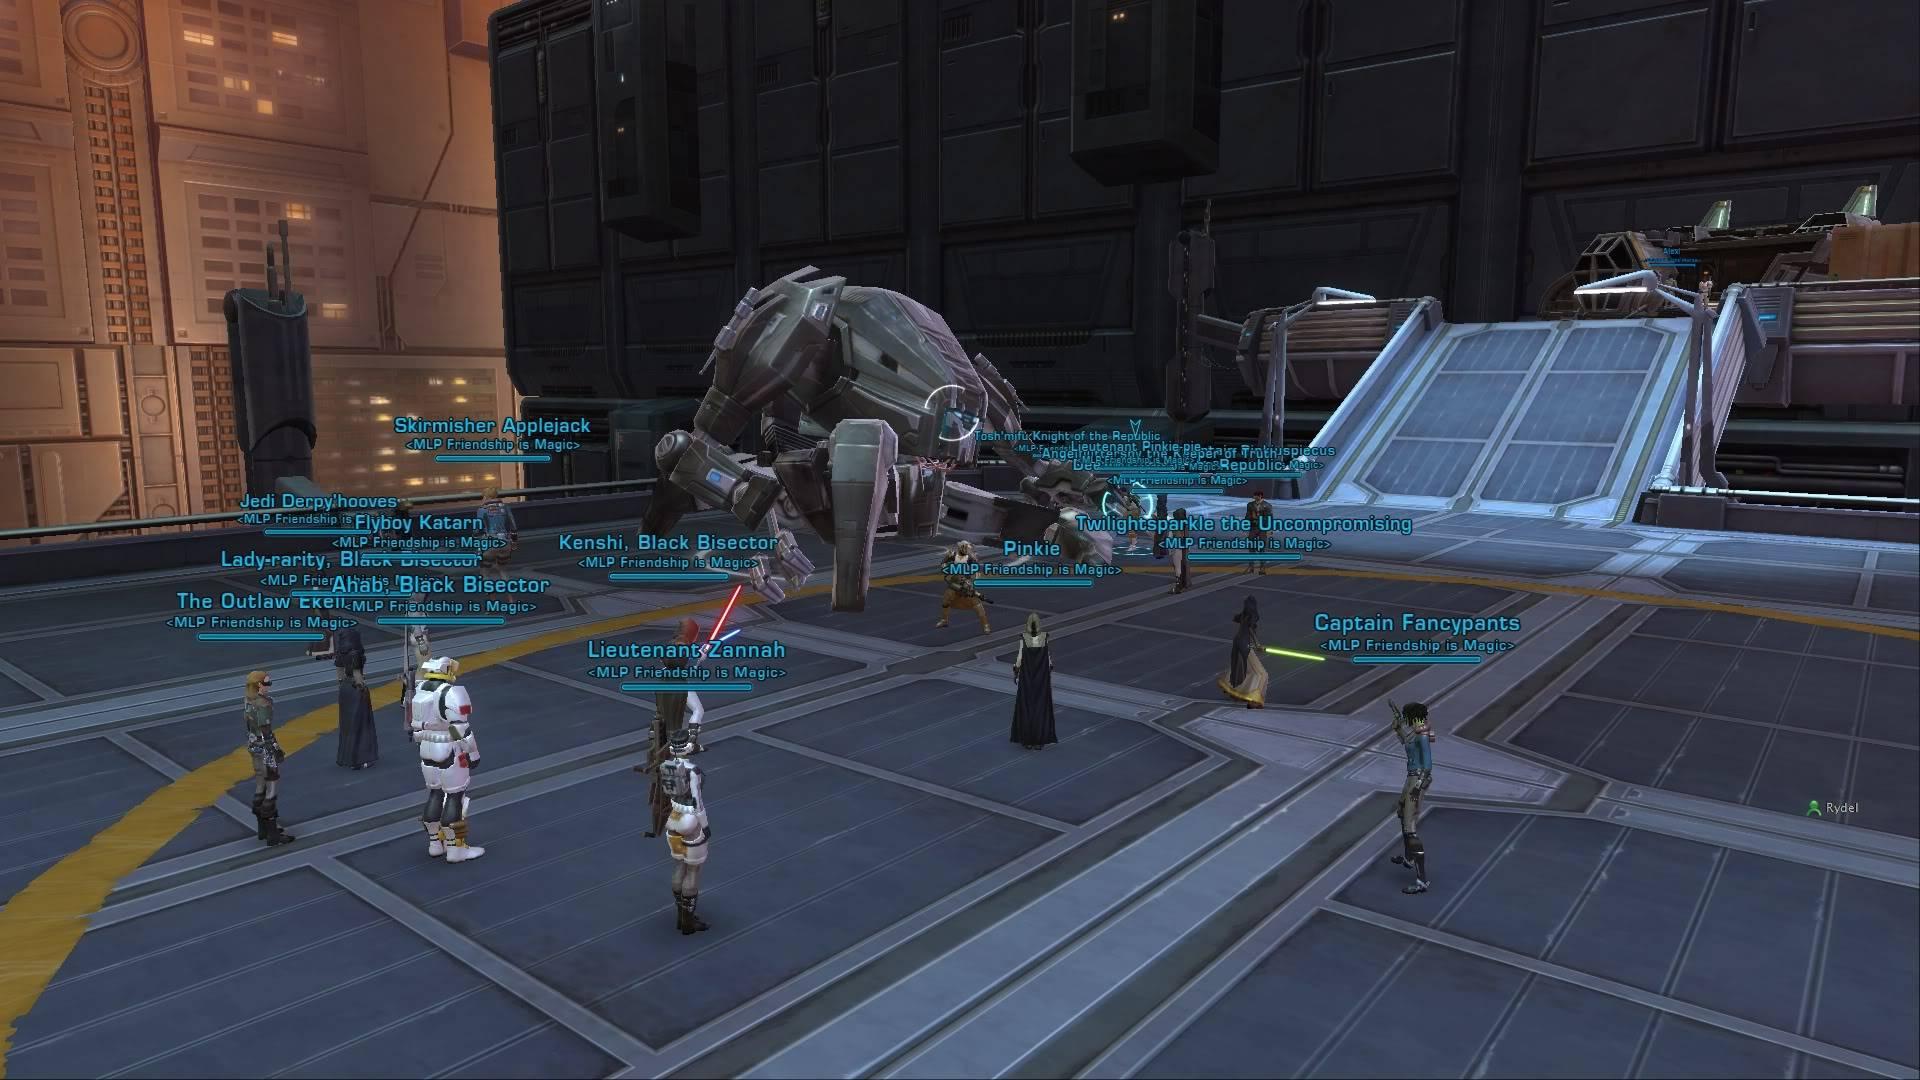 [OLD] Server First: SD-0 World Boss Screenshot_2011-12-15_22_09_18_556405